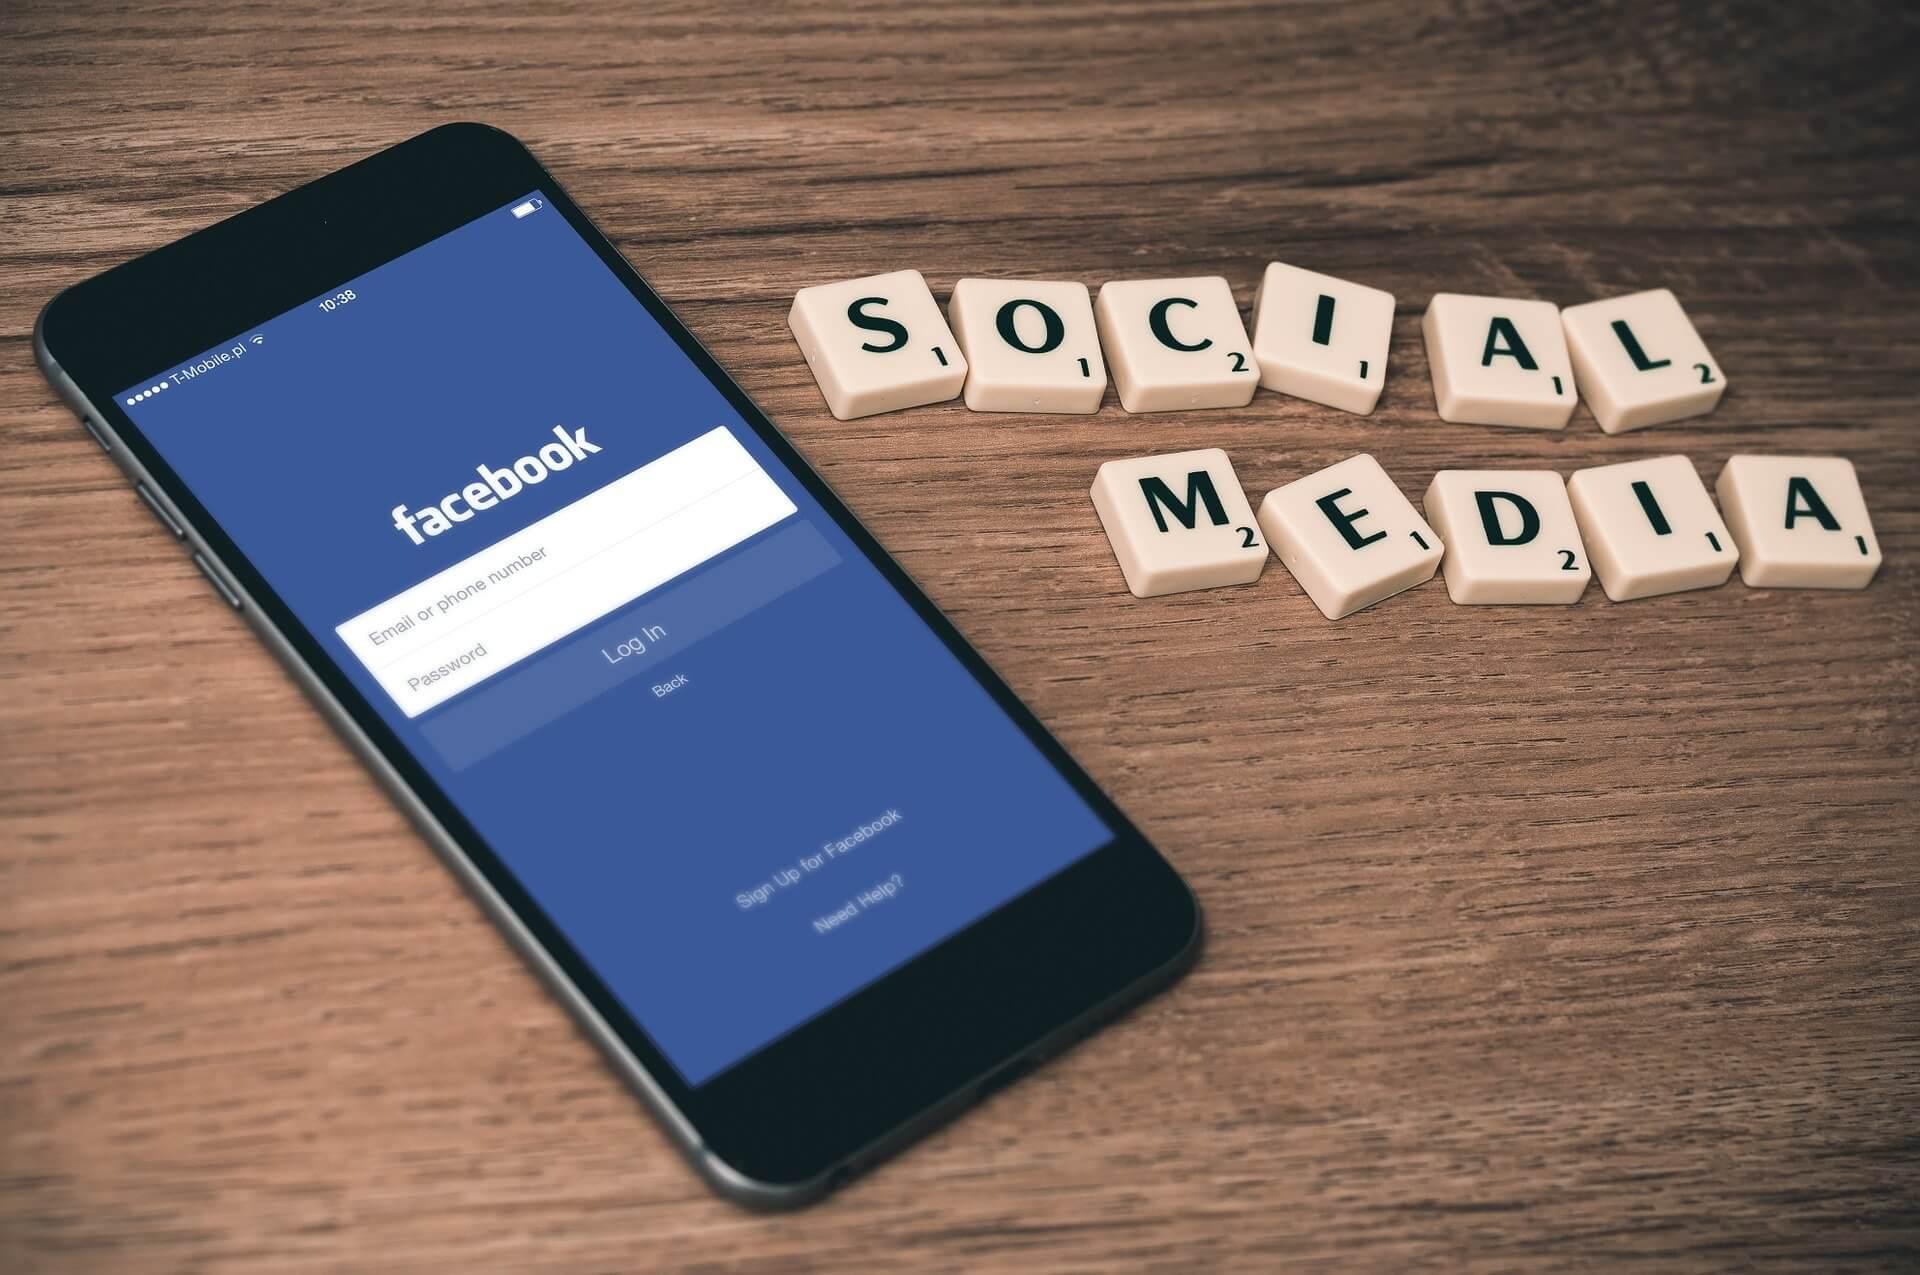 social-media-763731_1920_1